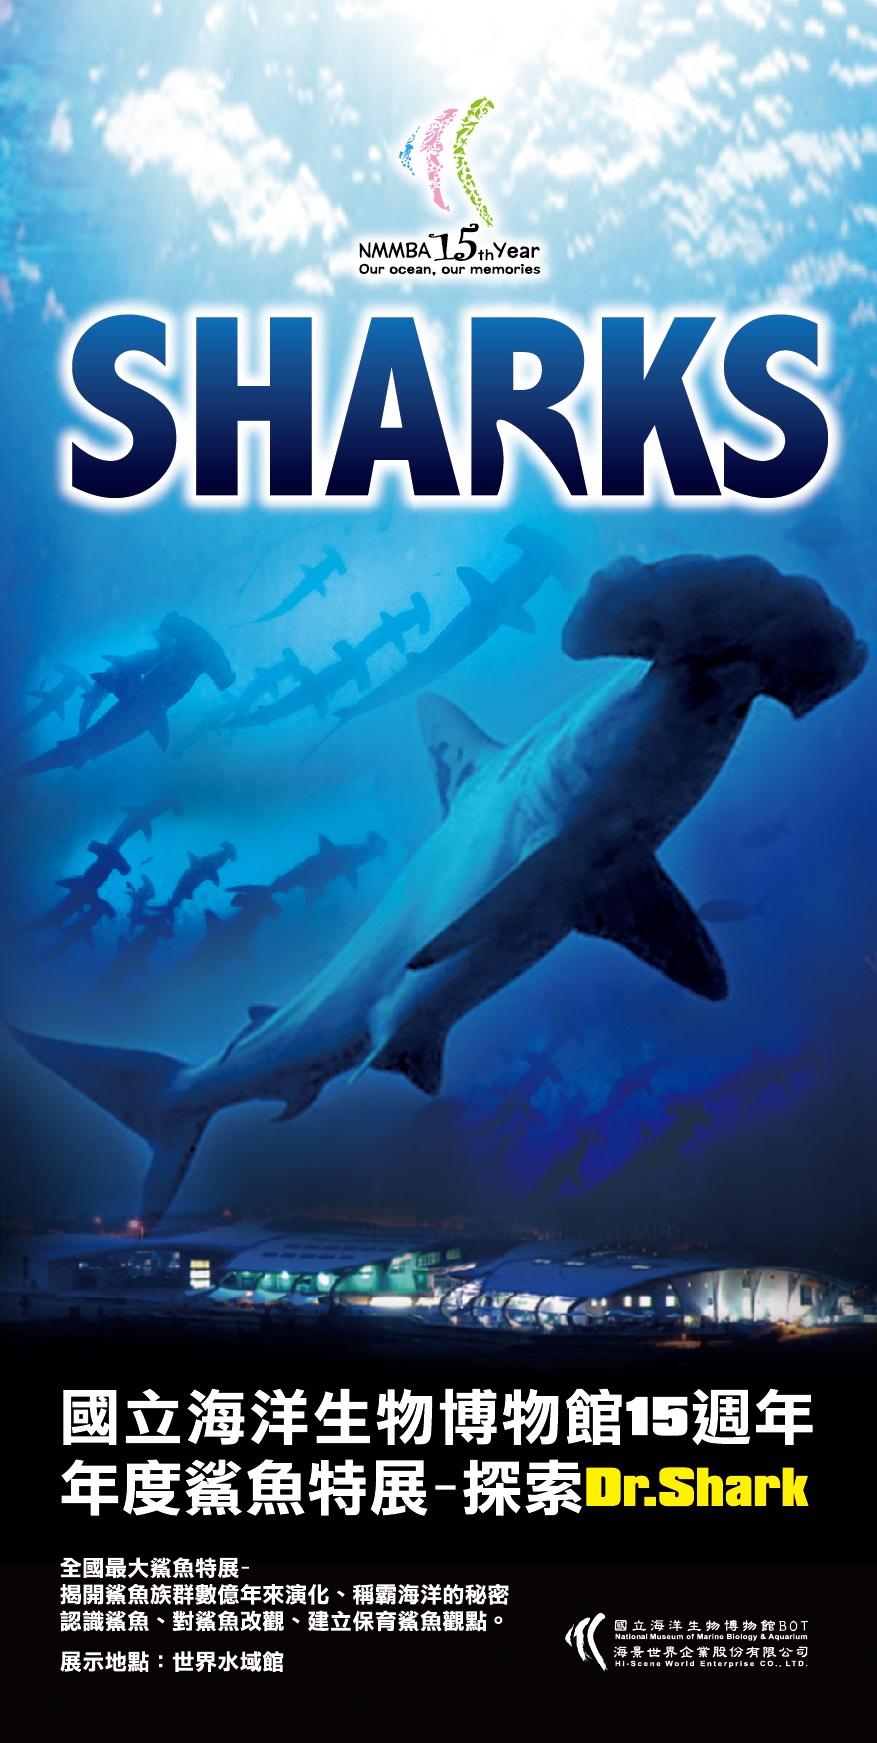 鯊魚特展-探索Dr.Shark